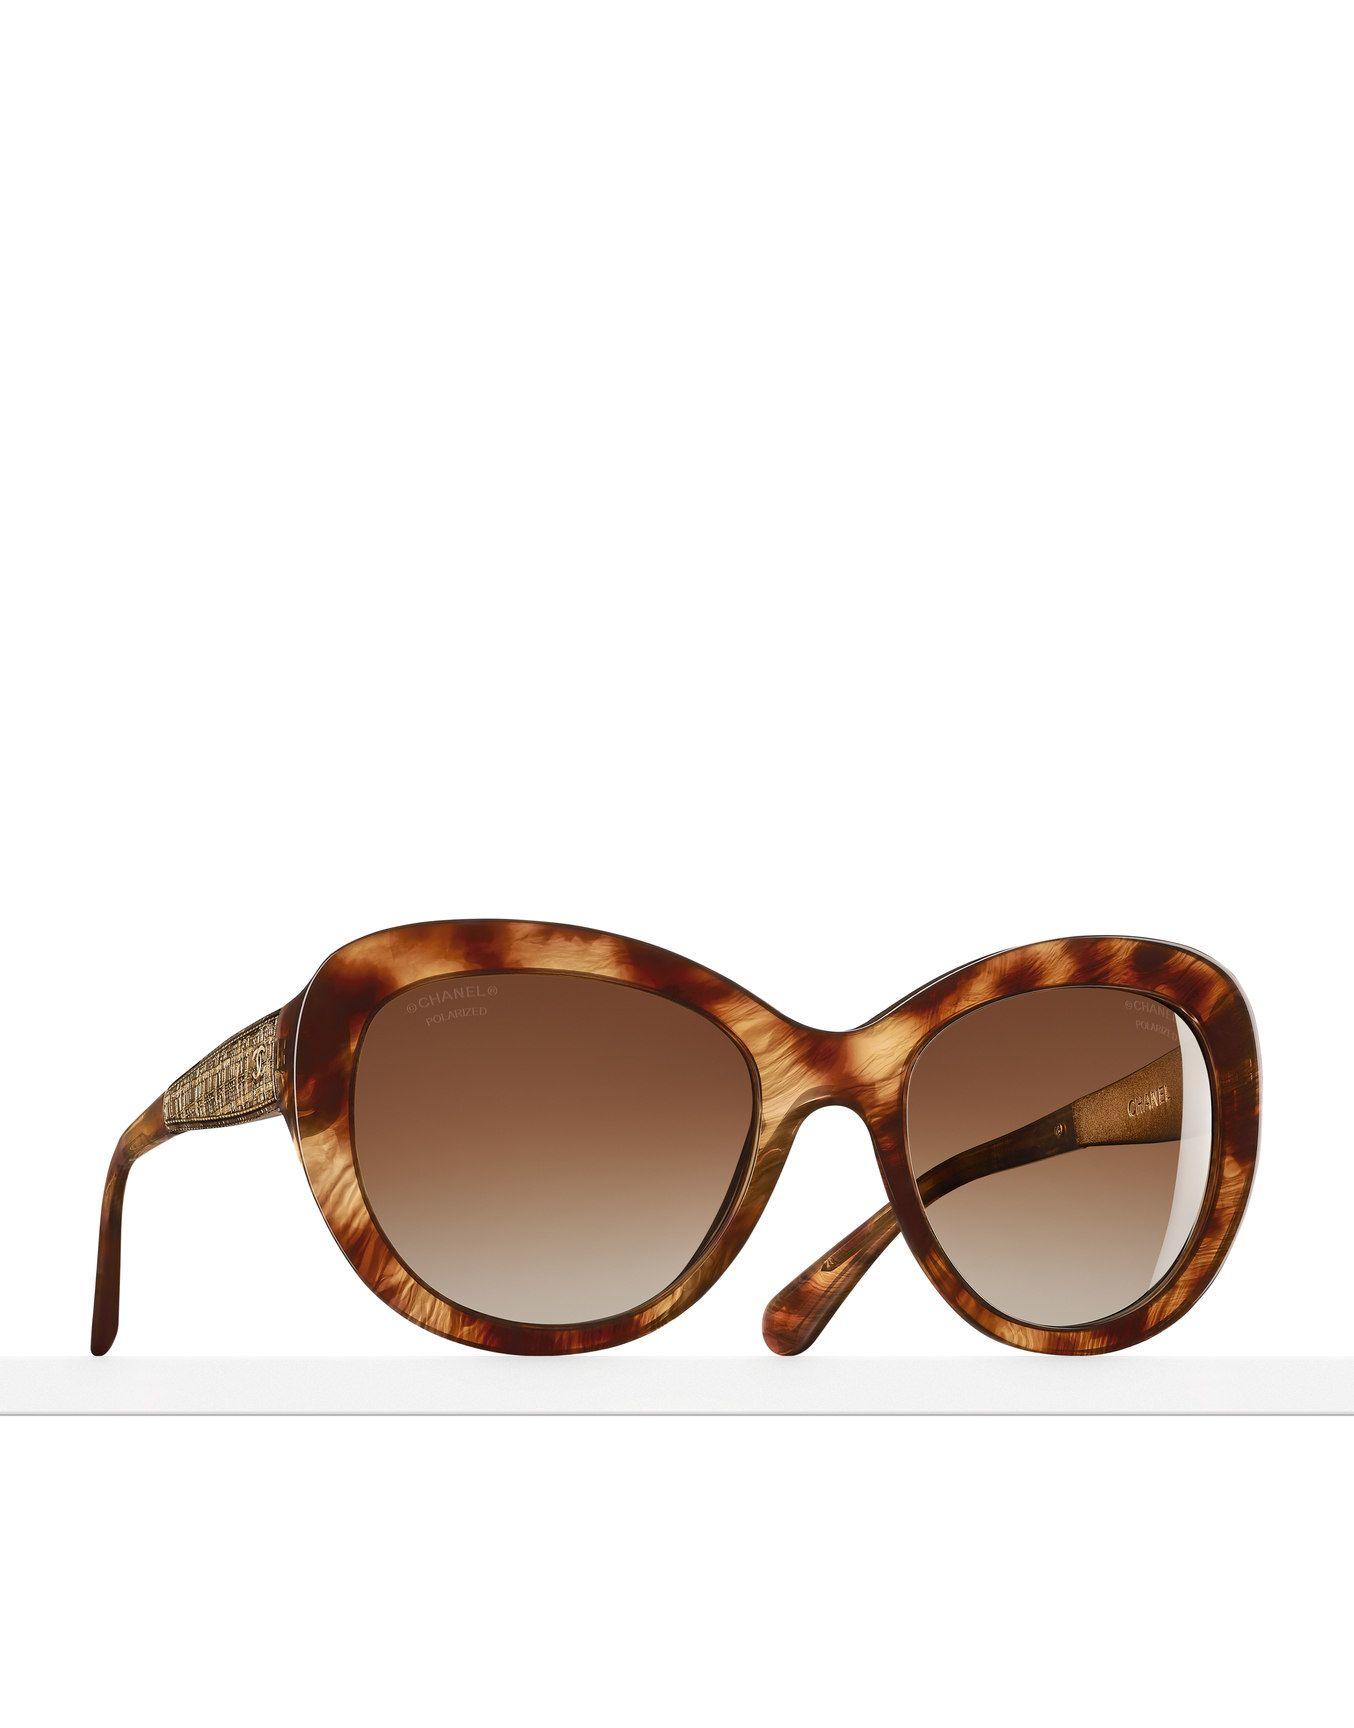 Gafas de sol montura mariposa, acetato y metal - lentes polarizadas ...